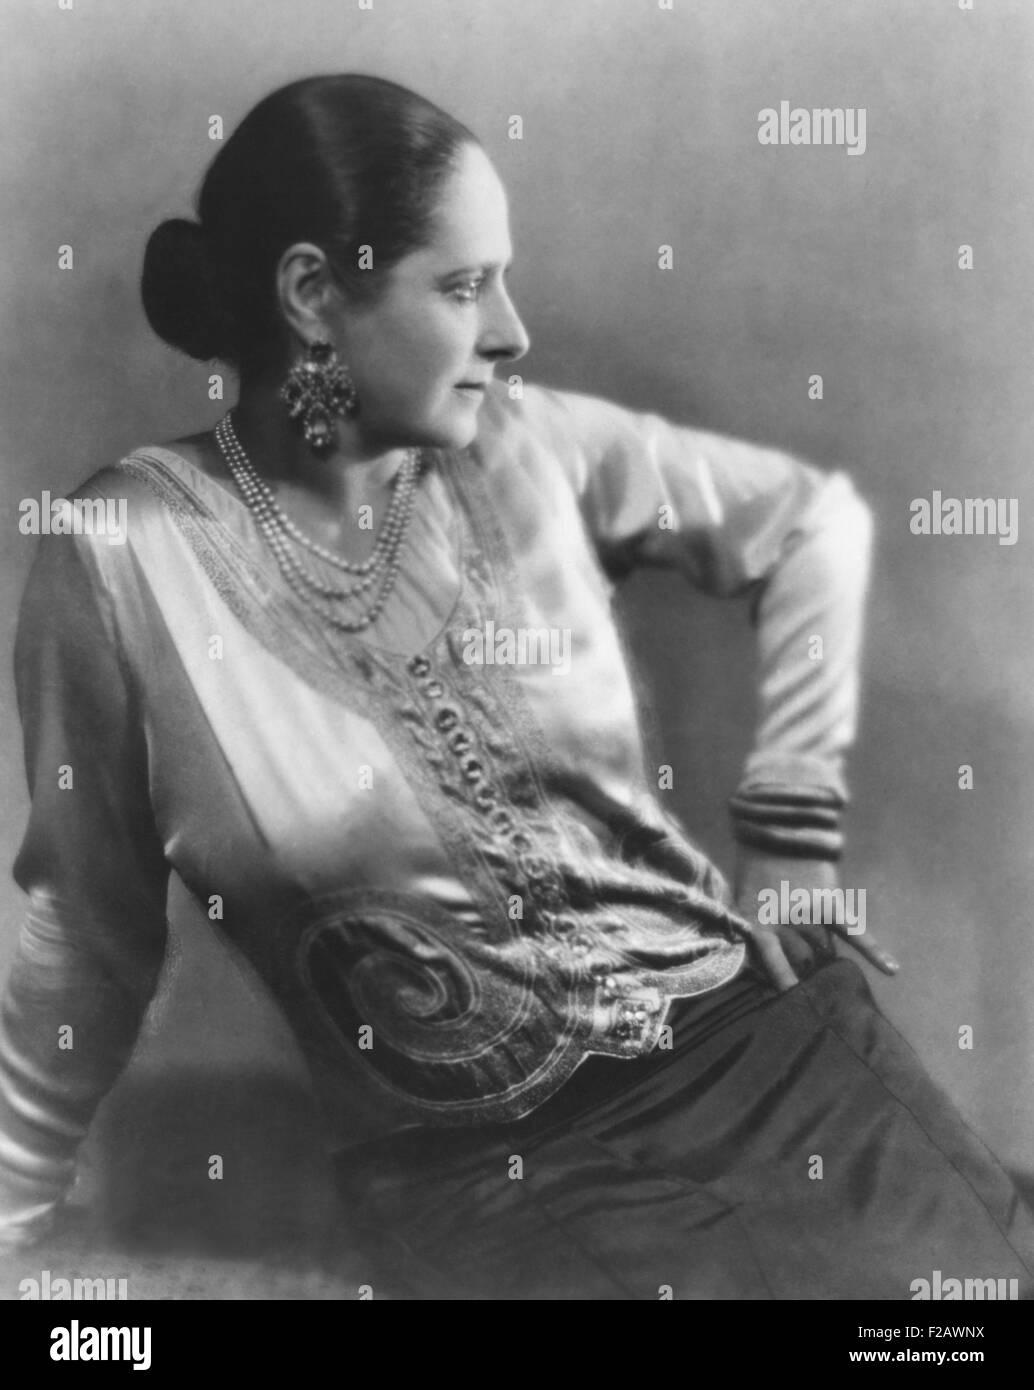 """Helena Rubenstein nel 1930, anno del suo libro, """"l'arte della bellezza femminile """" è stato pubblicato. Immagini Stock"""